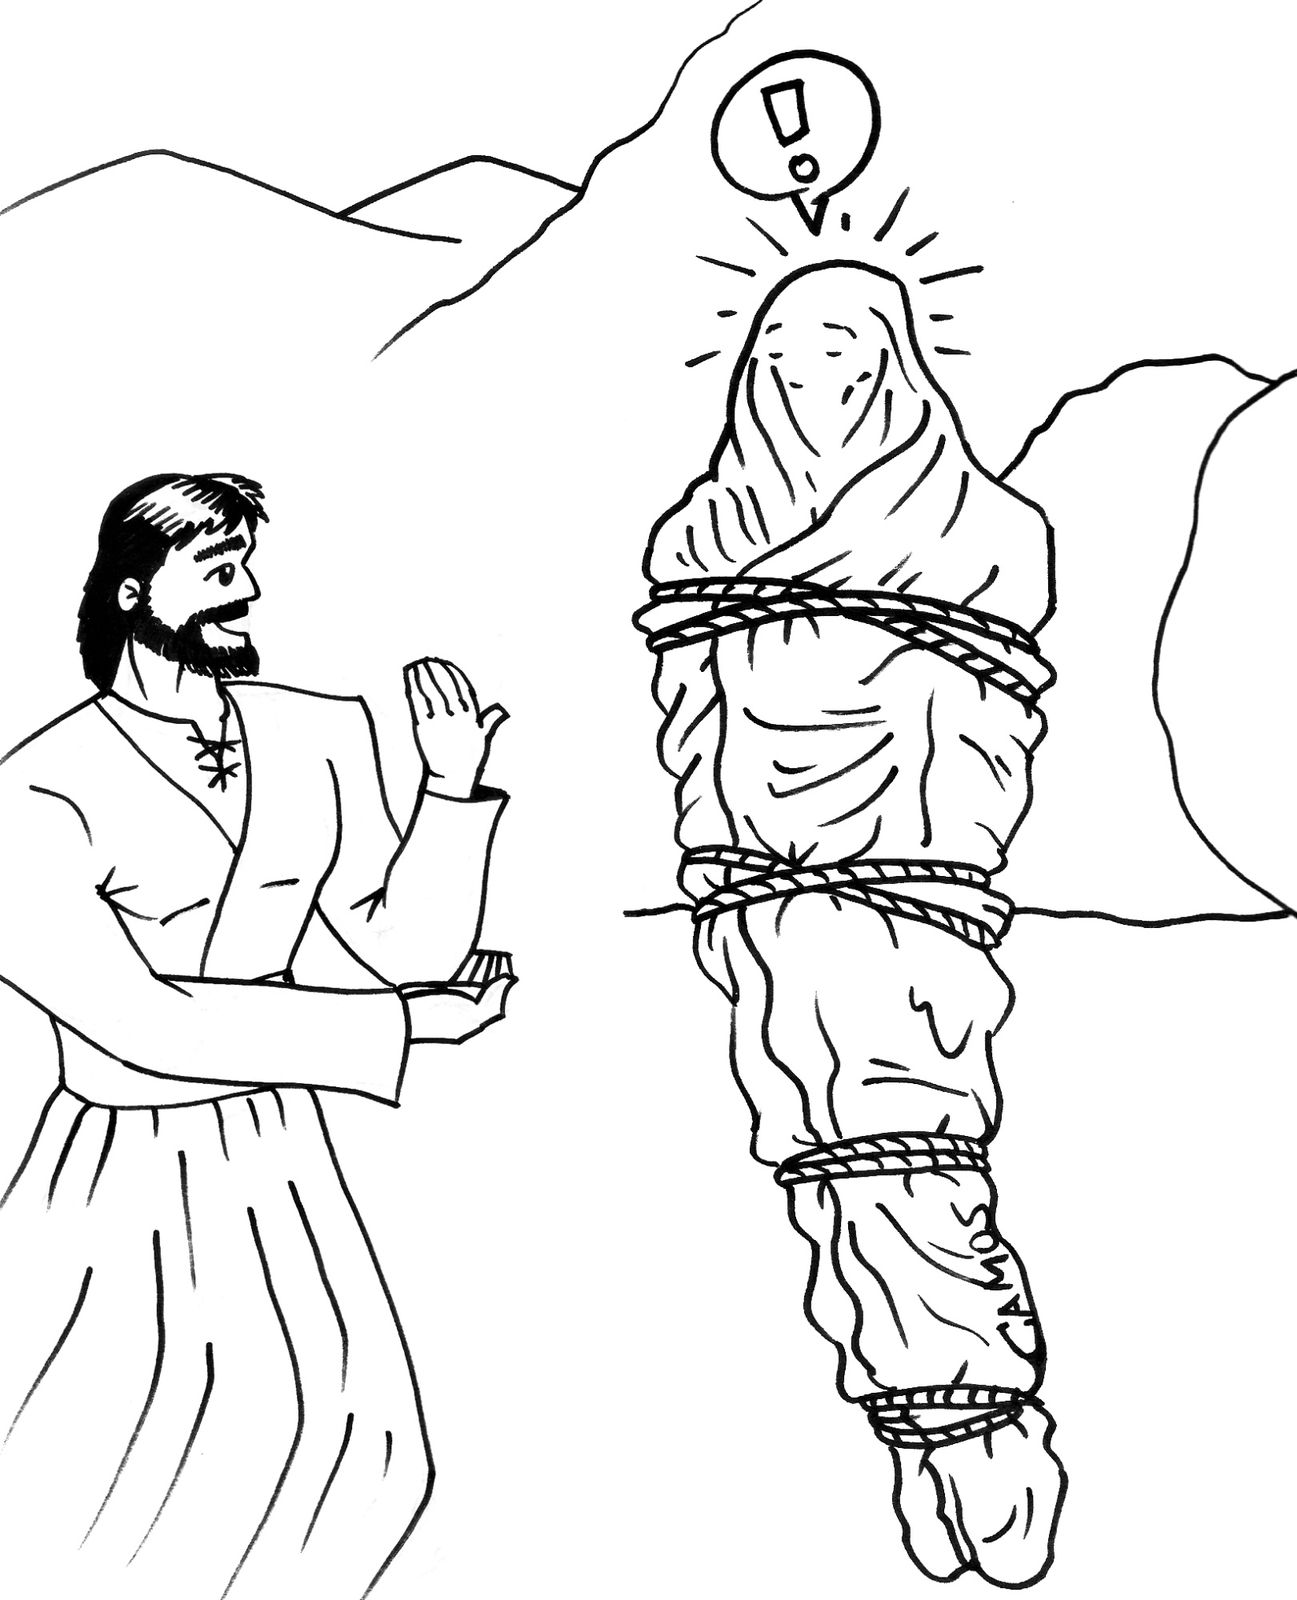 k) Ilustraciones Biblicas